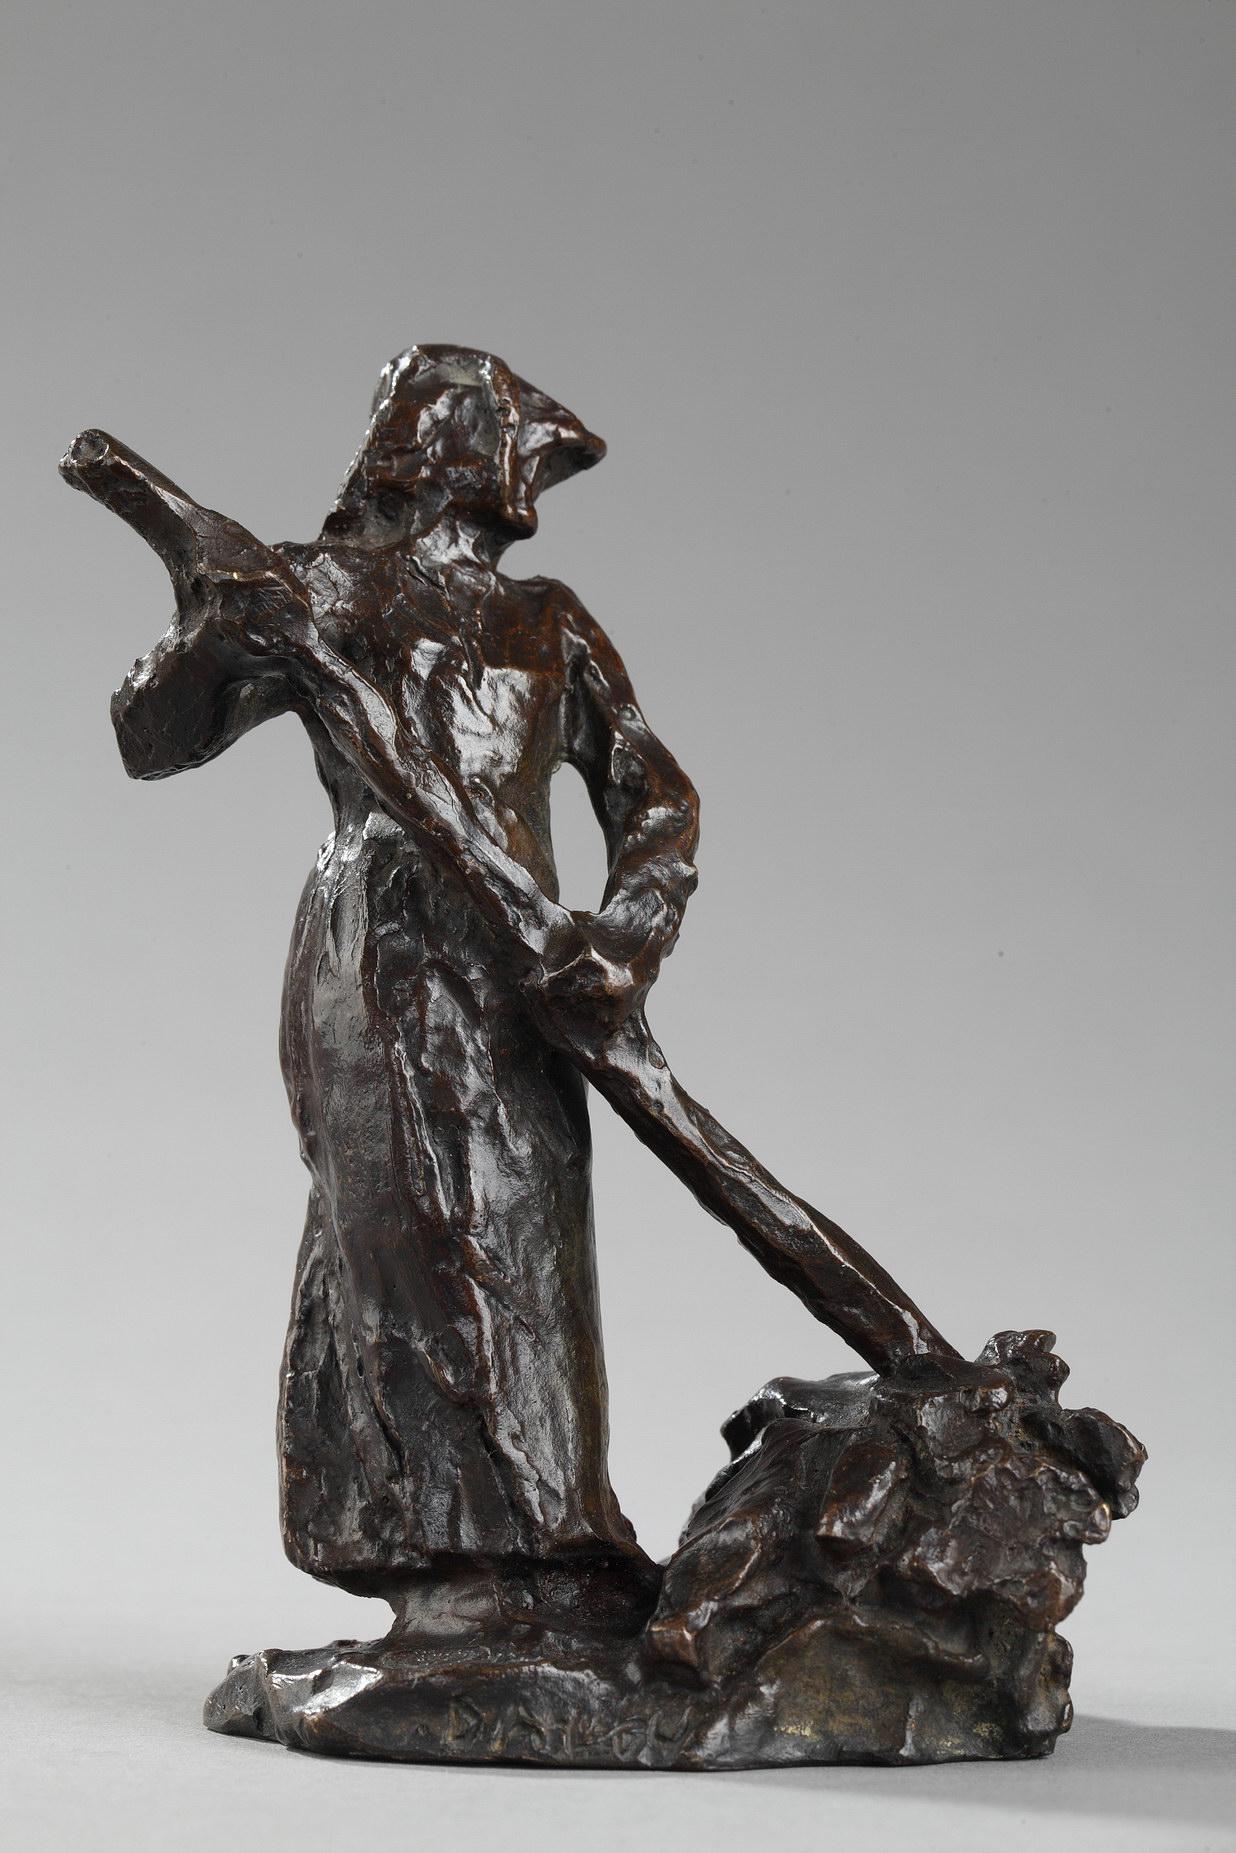 """Jules Dalou (1838-1902), """"Ramasseuse de foin"""", bronze à patine brun très nuancé, fonte Susse, haut. 12 cm, sculptures - galerie Tourbillon, Paris"""